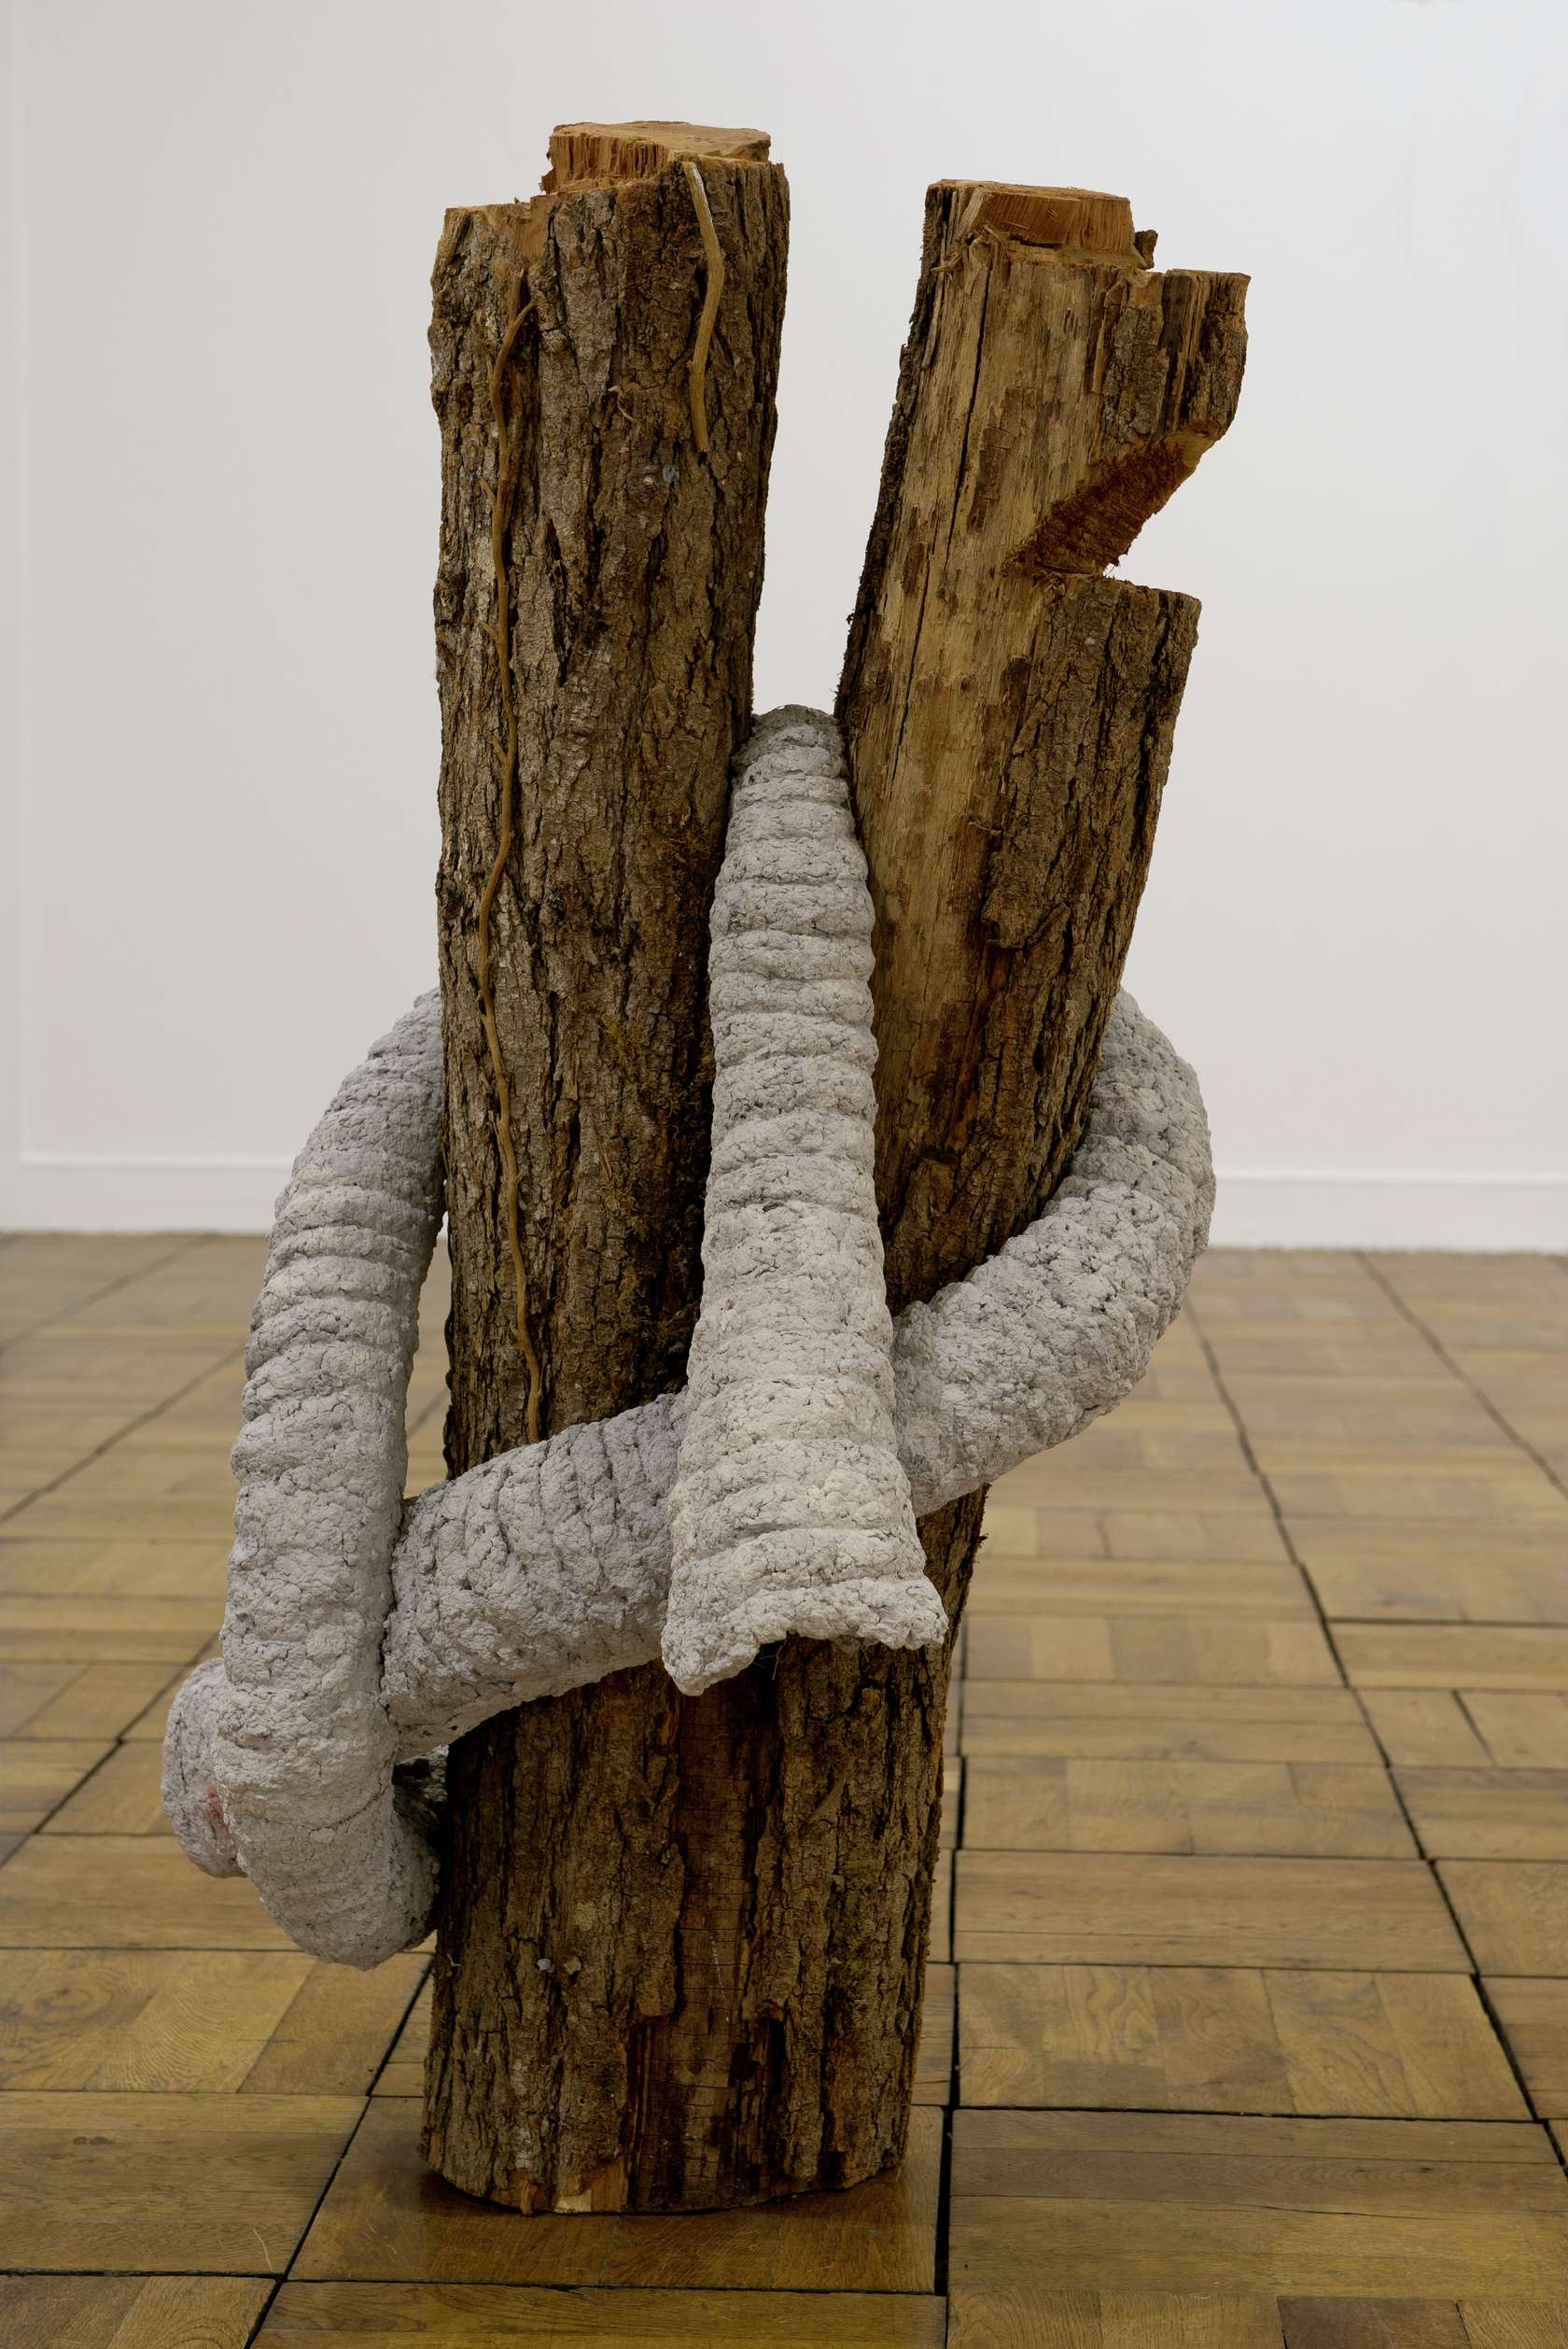 Laurent Le Deunff, Noeud de trompe III, 2012 Papier mâché, ciment et bois100 × 58 × 58 cm / 39 3/8 × 22 7/8 × 22 7/8 in.